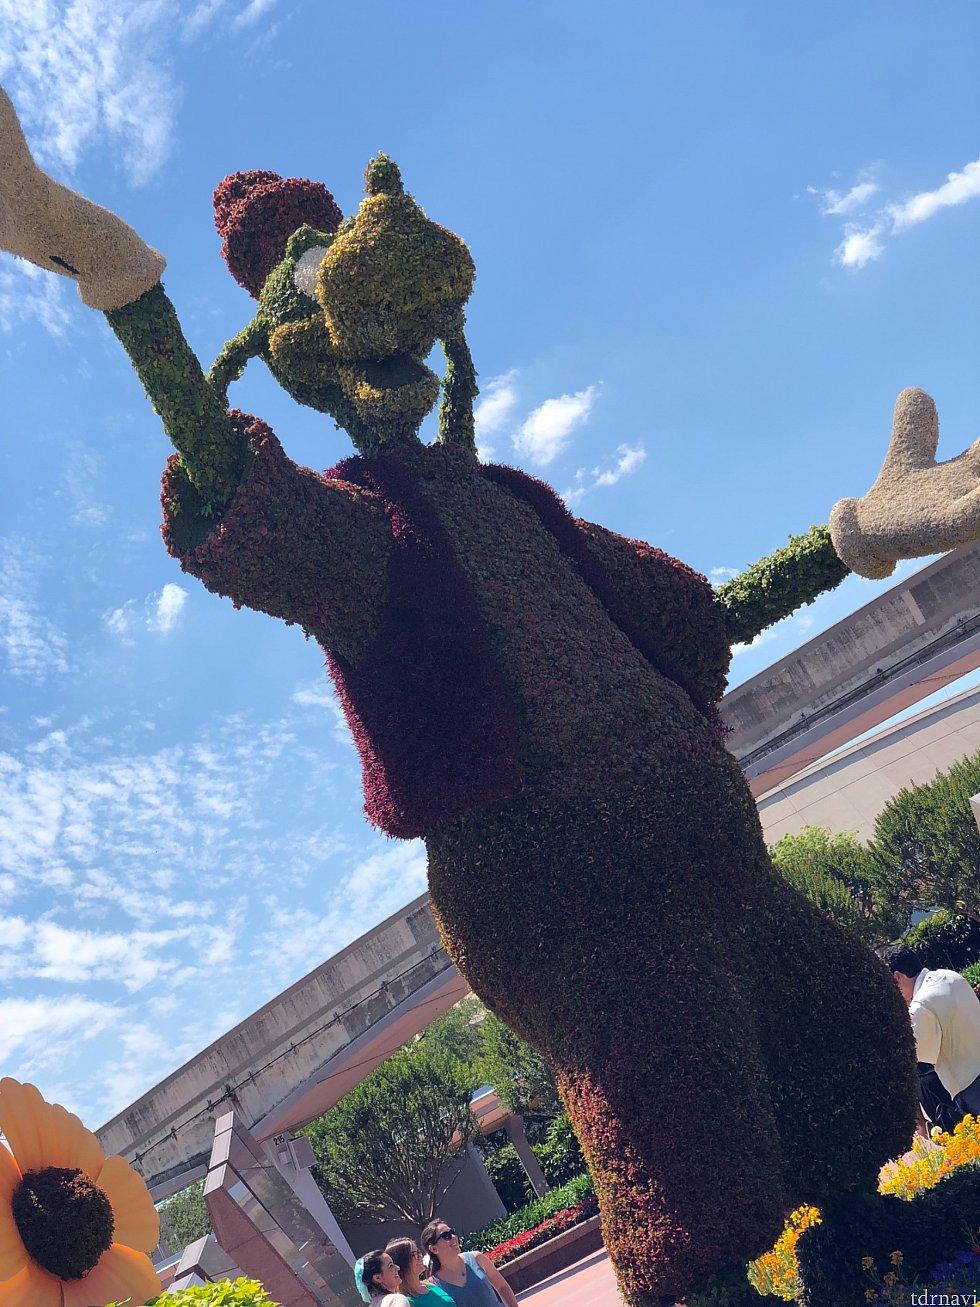 丁度フラワー&ガーデンフェスティバルが行われている最中のエプコット。実はフューチャーワールドのBGMもイベント用にされていました!流石ディズニー!